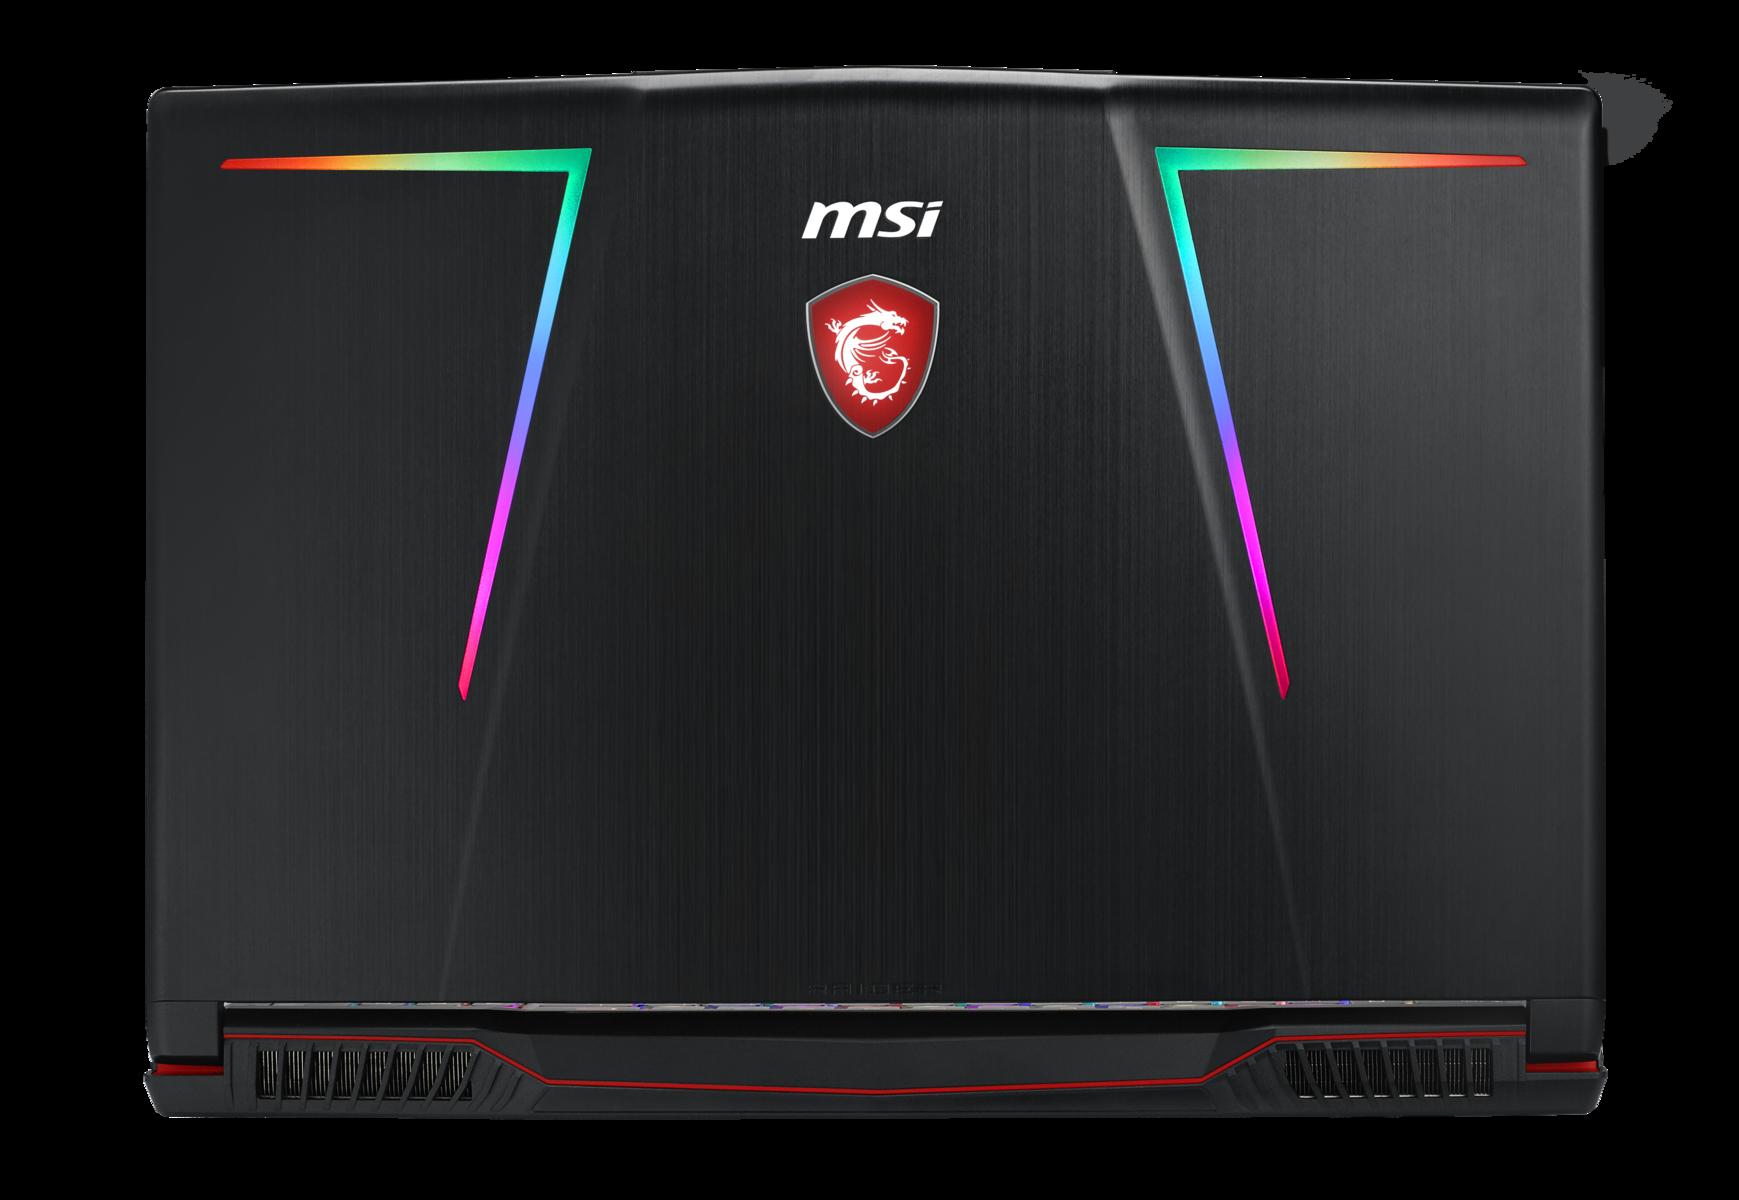 MSI's latest GE75/63 Raider gaming laptops combine unique